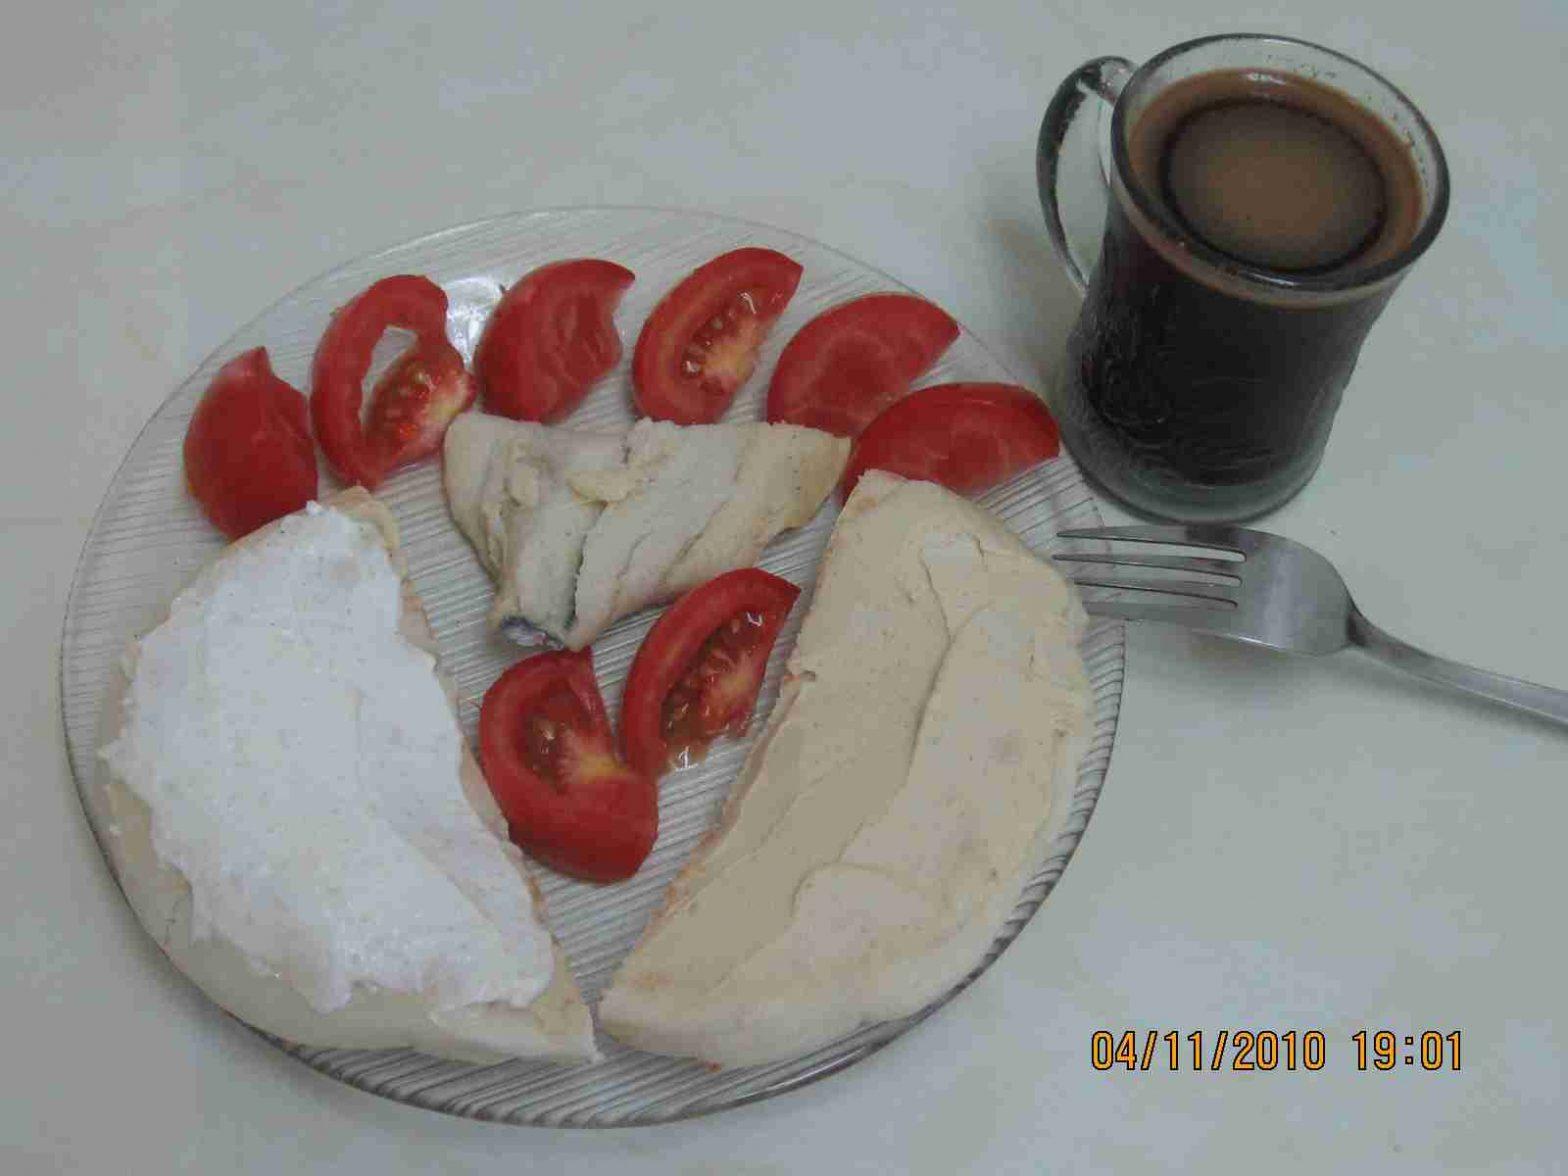 מתכון ארוחת בוקר משביעה